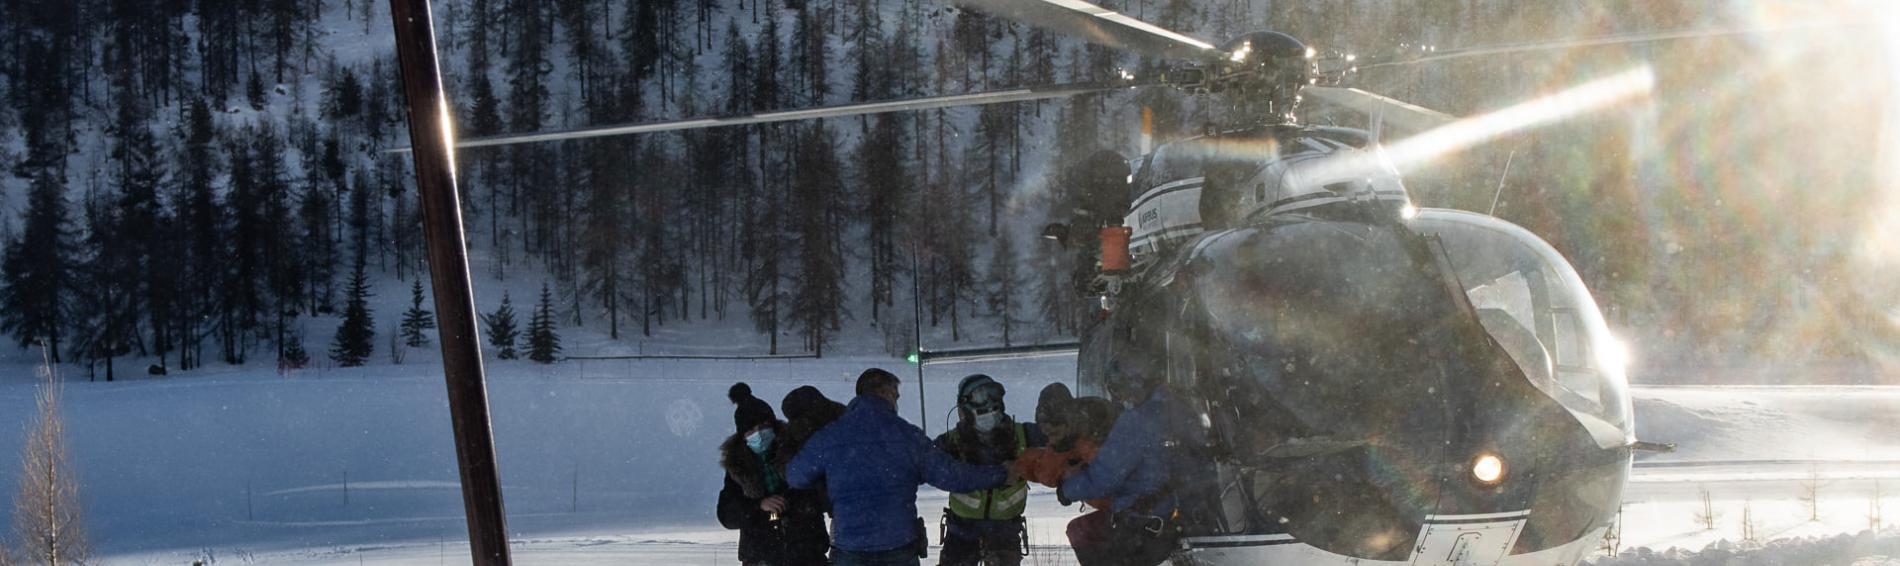 Bereits im Januar hatte ein Bergrettungshubschrauber eine geflüchtete Familie am Grenzposten von Montgenèvre abgesetzt, statt sie ins Krankenhaus zu bringen. Foto: Baptiste Soubra